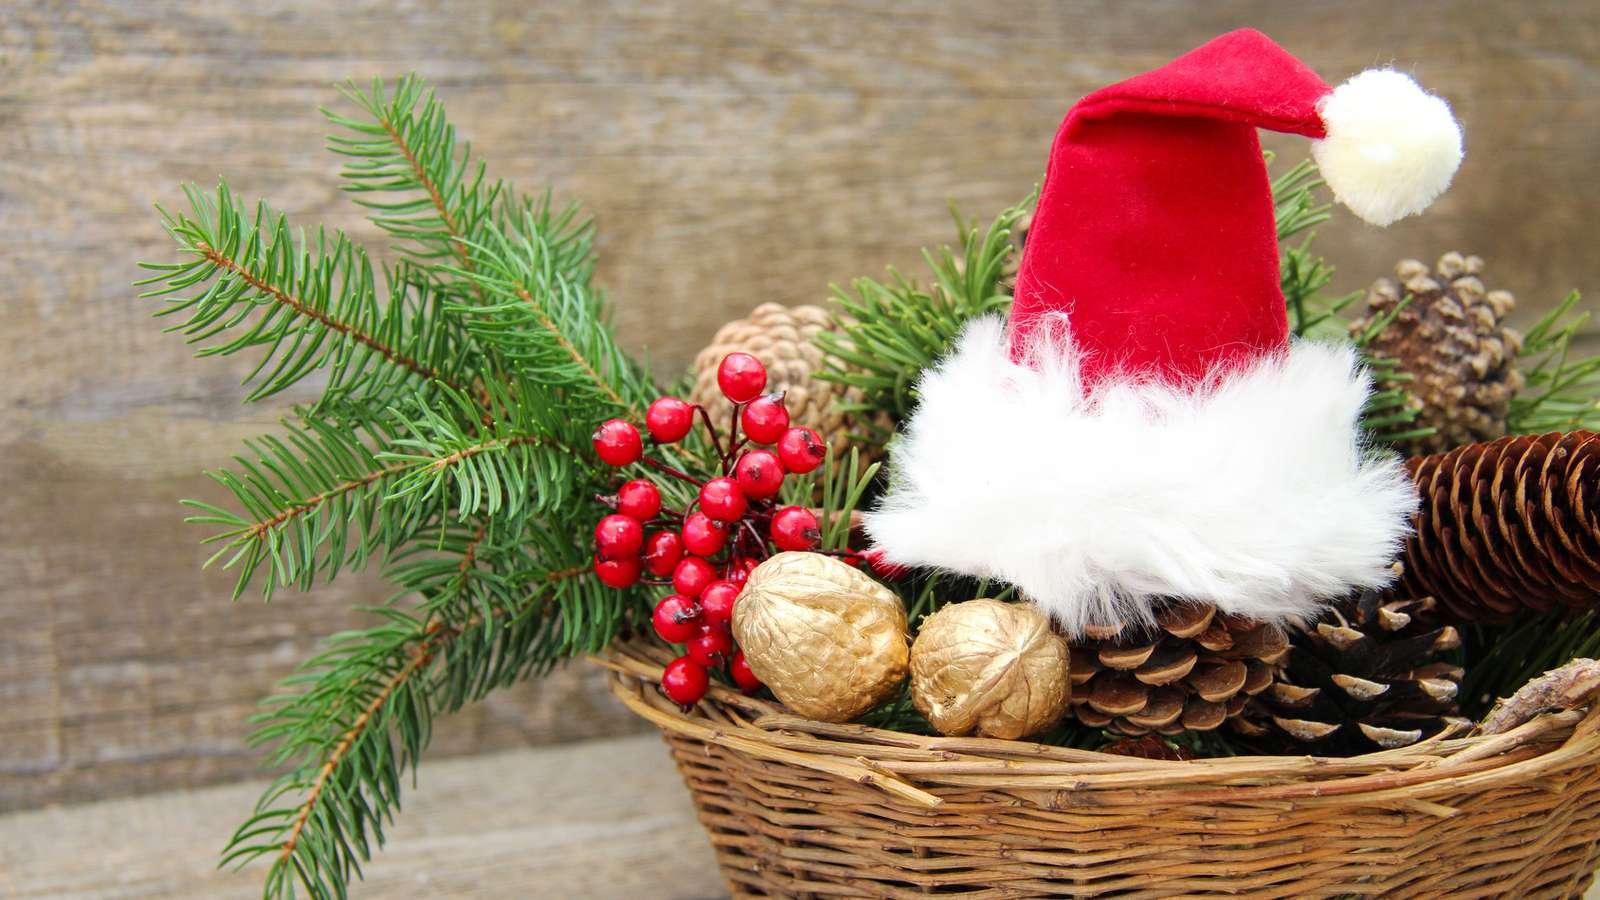 Nachhaltige Weihnachtsdeko aus natürlichen Materialien | evidero